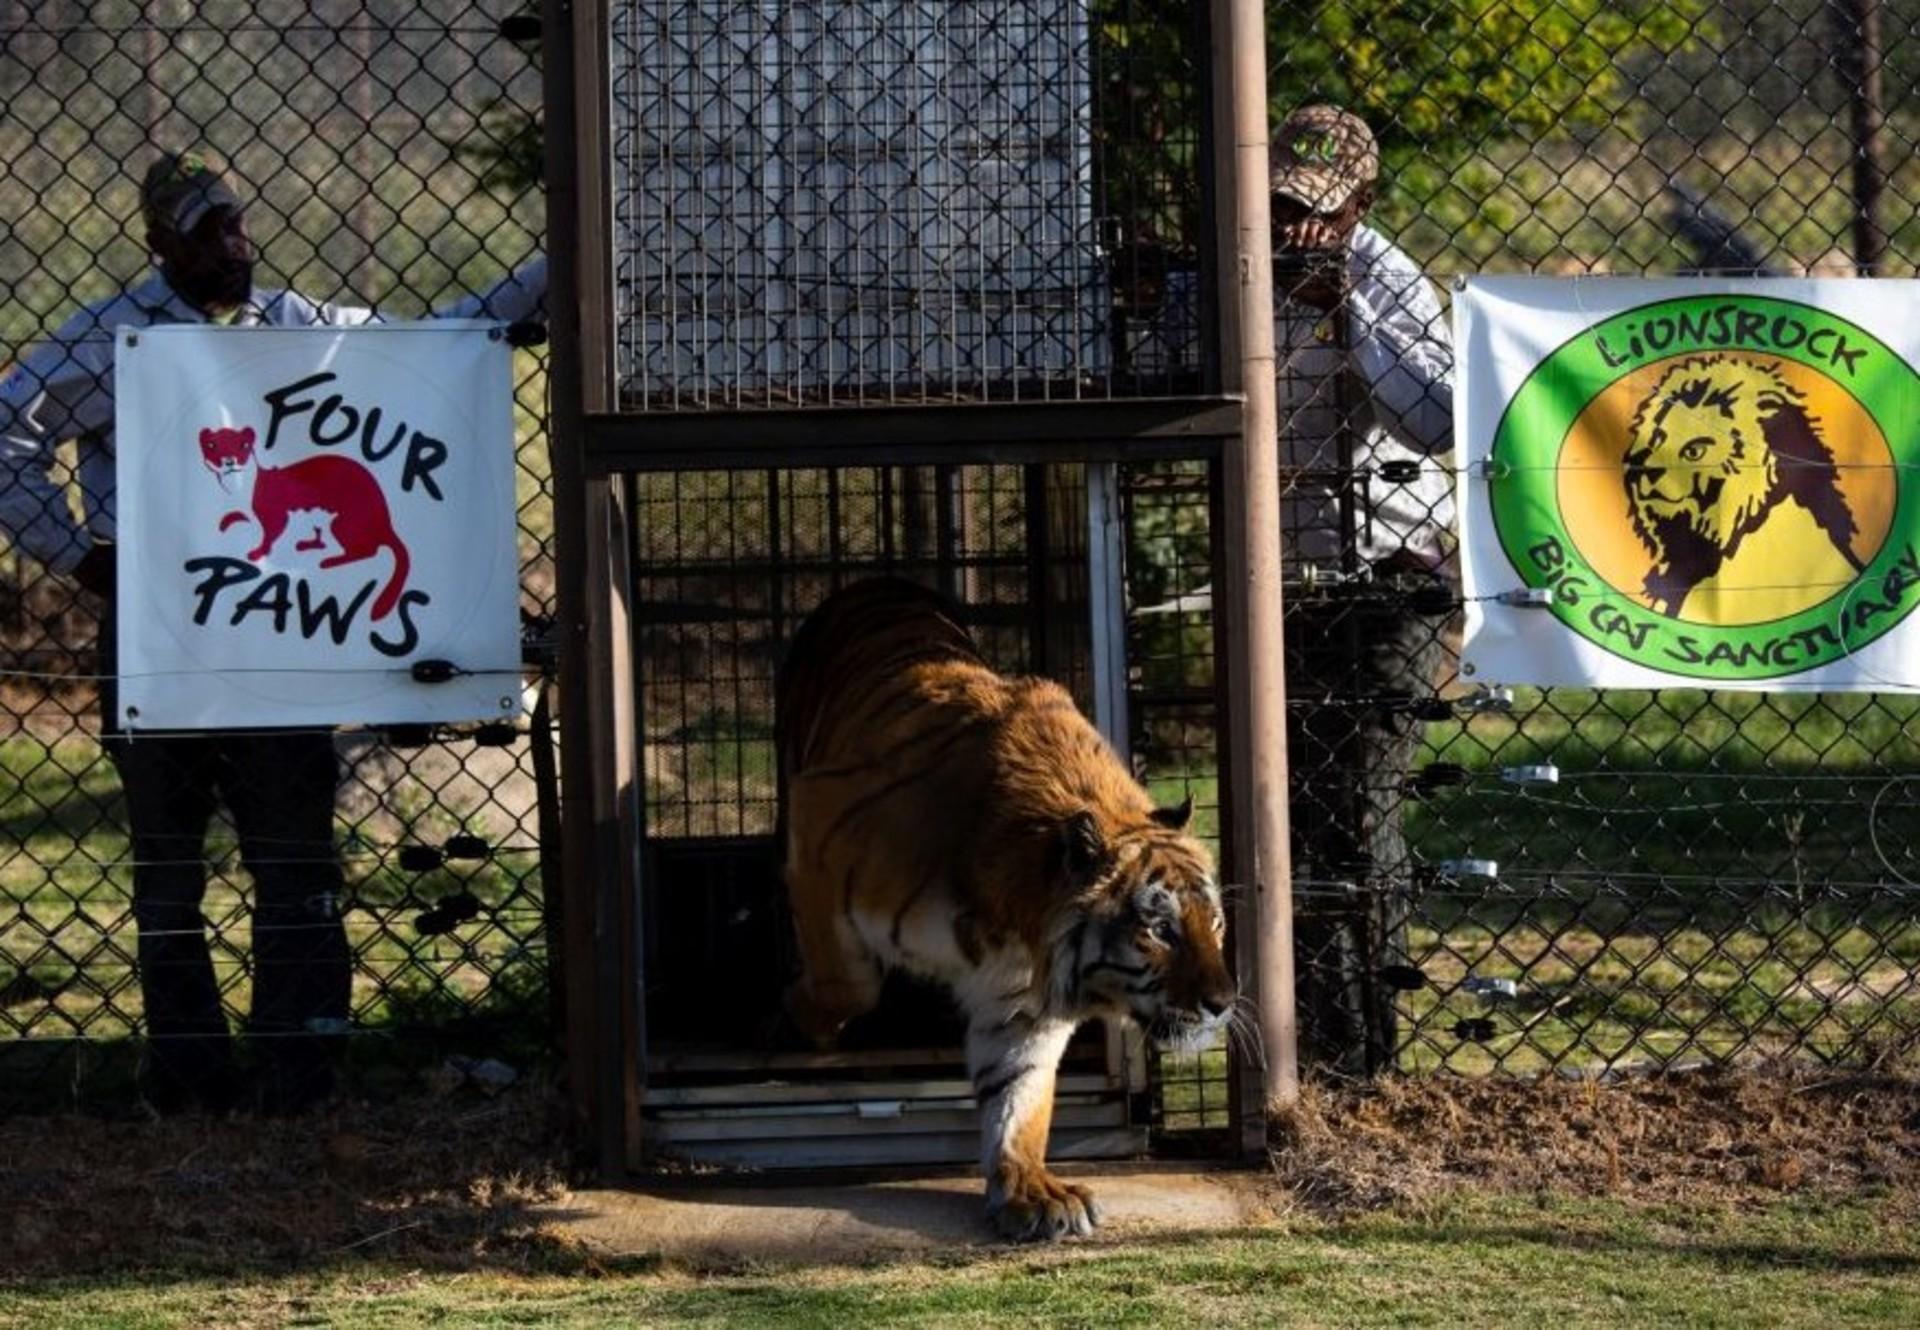 Tiger Caruso bei seiner Ankuft in LIONSROCK (c) VIER PFOTEN